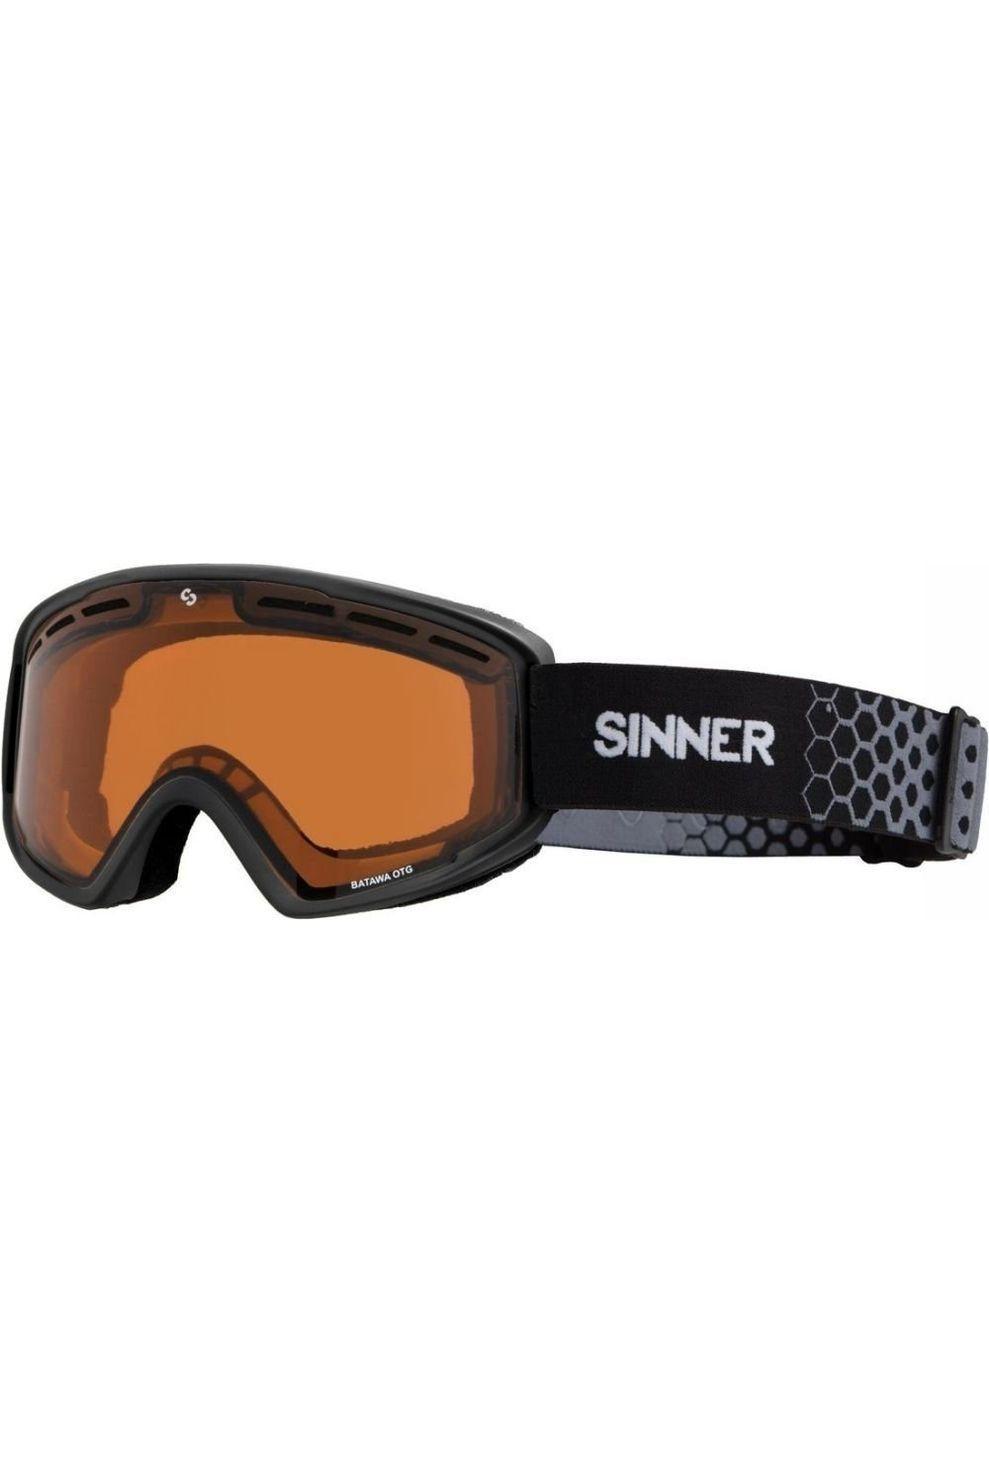 SINNER Skibril Batawa Otg voor heren - Zwart/Oranje